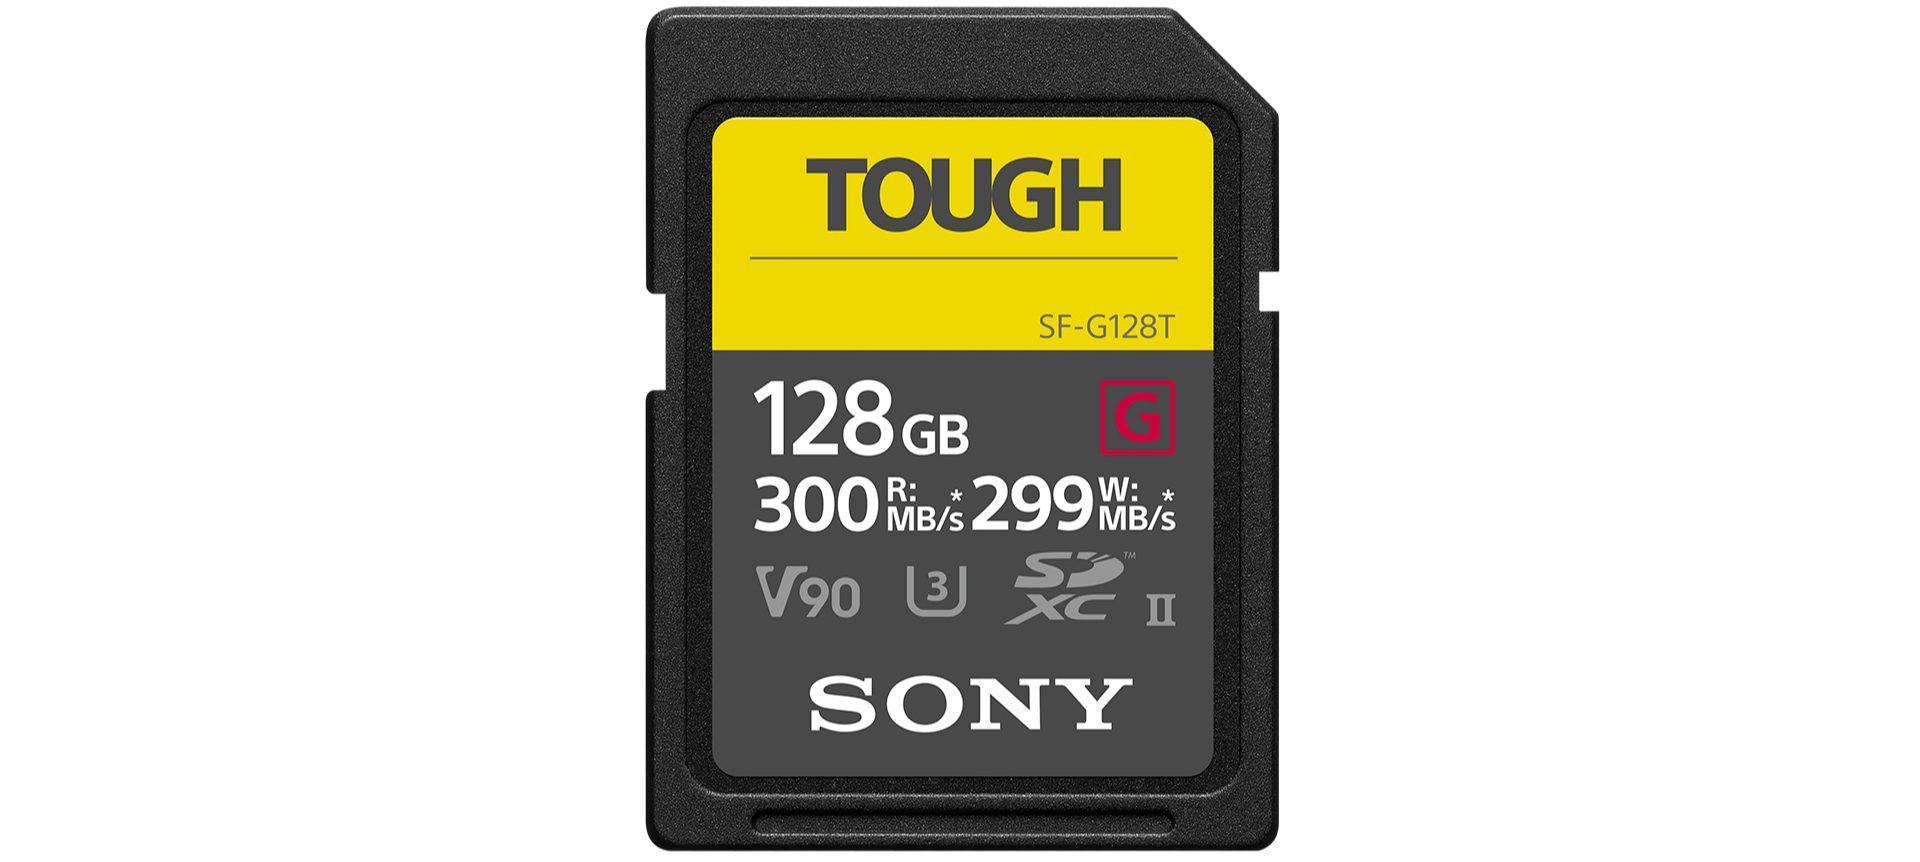 Sony giới thiệu loạt thẻ nhớ SD UHS-II TOUGH với độ bền cao